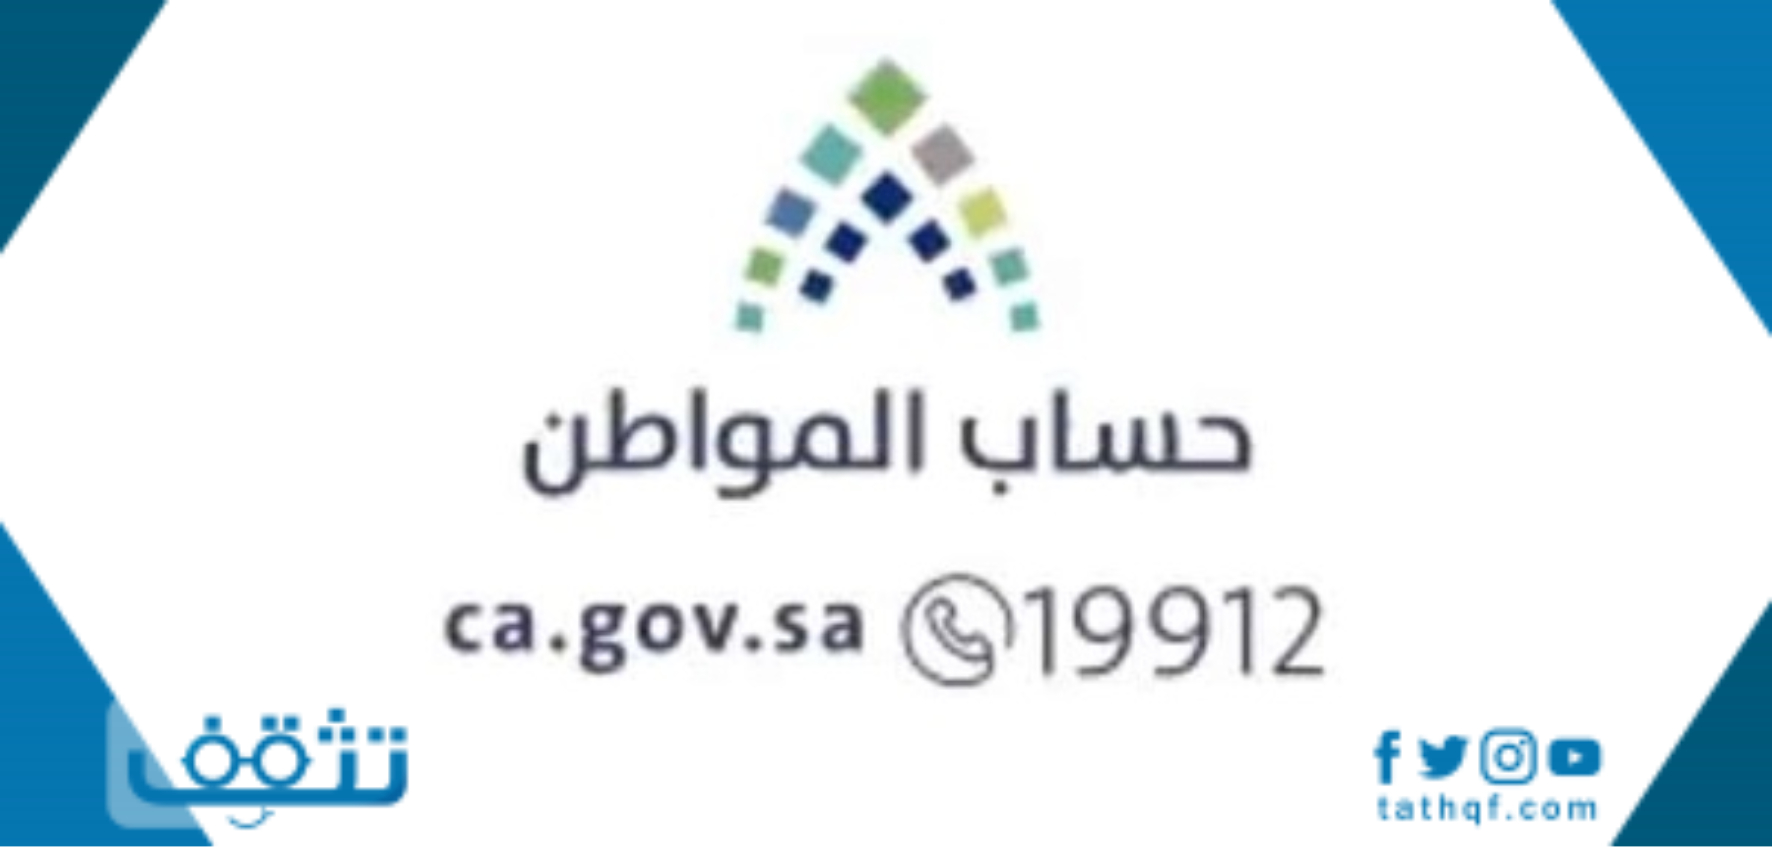 رقم خدمة العملاء في حساب المواطن المجاني للشكاوى ...